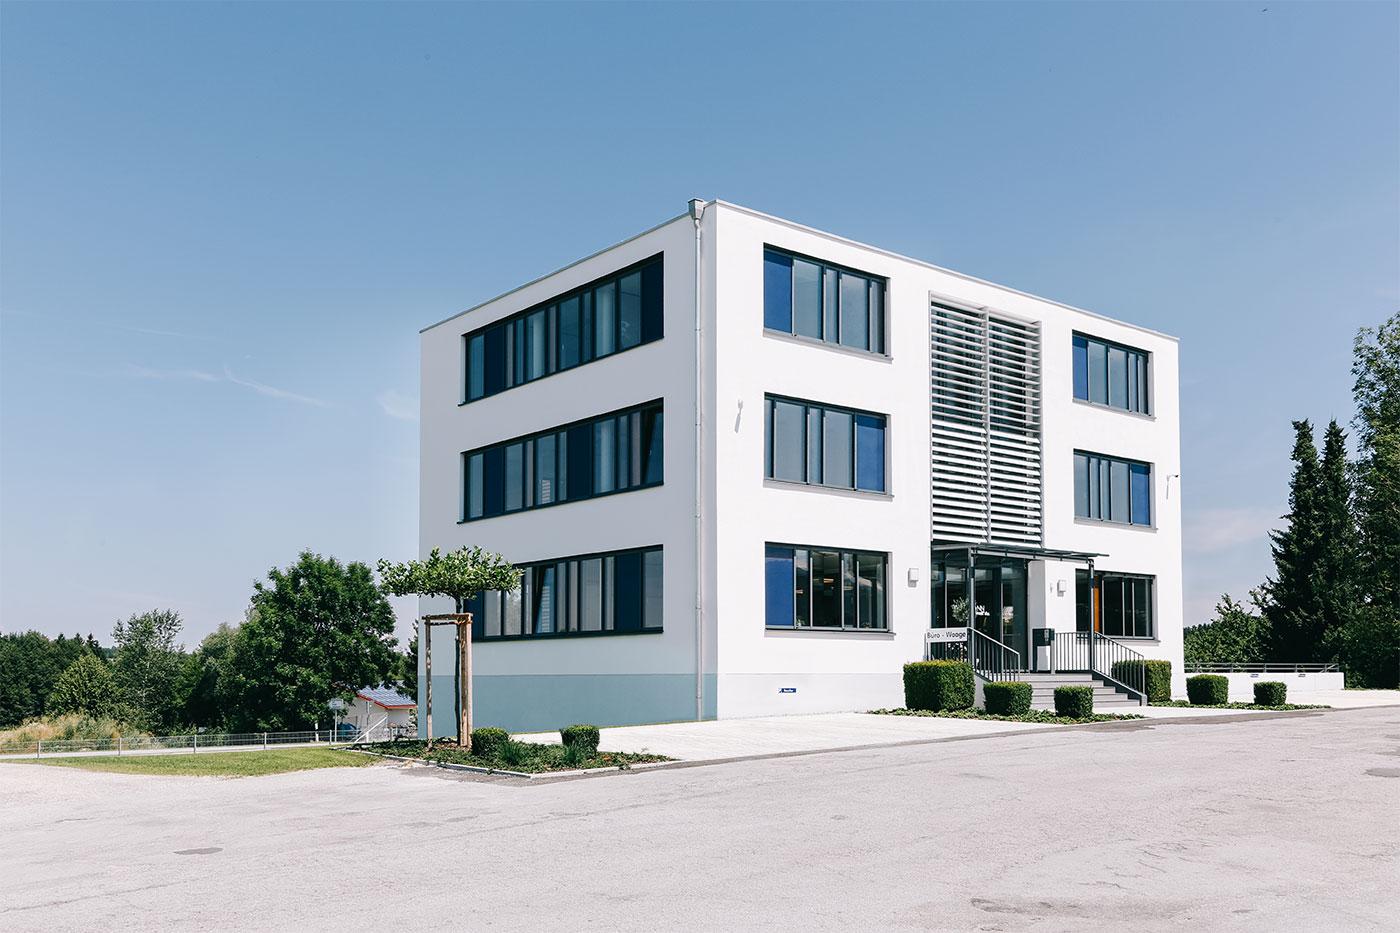 Das Verwaltungsgebäude von Wittmann Recycling